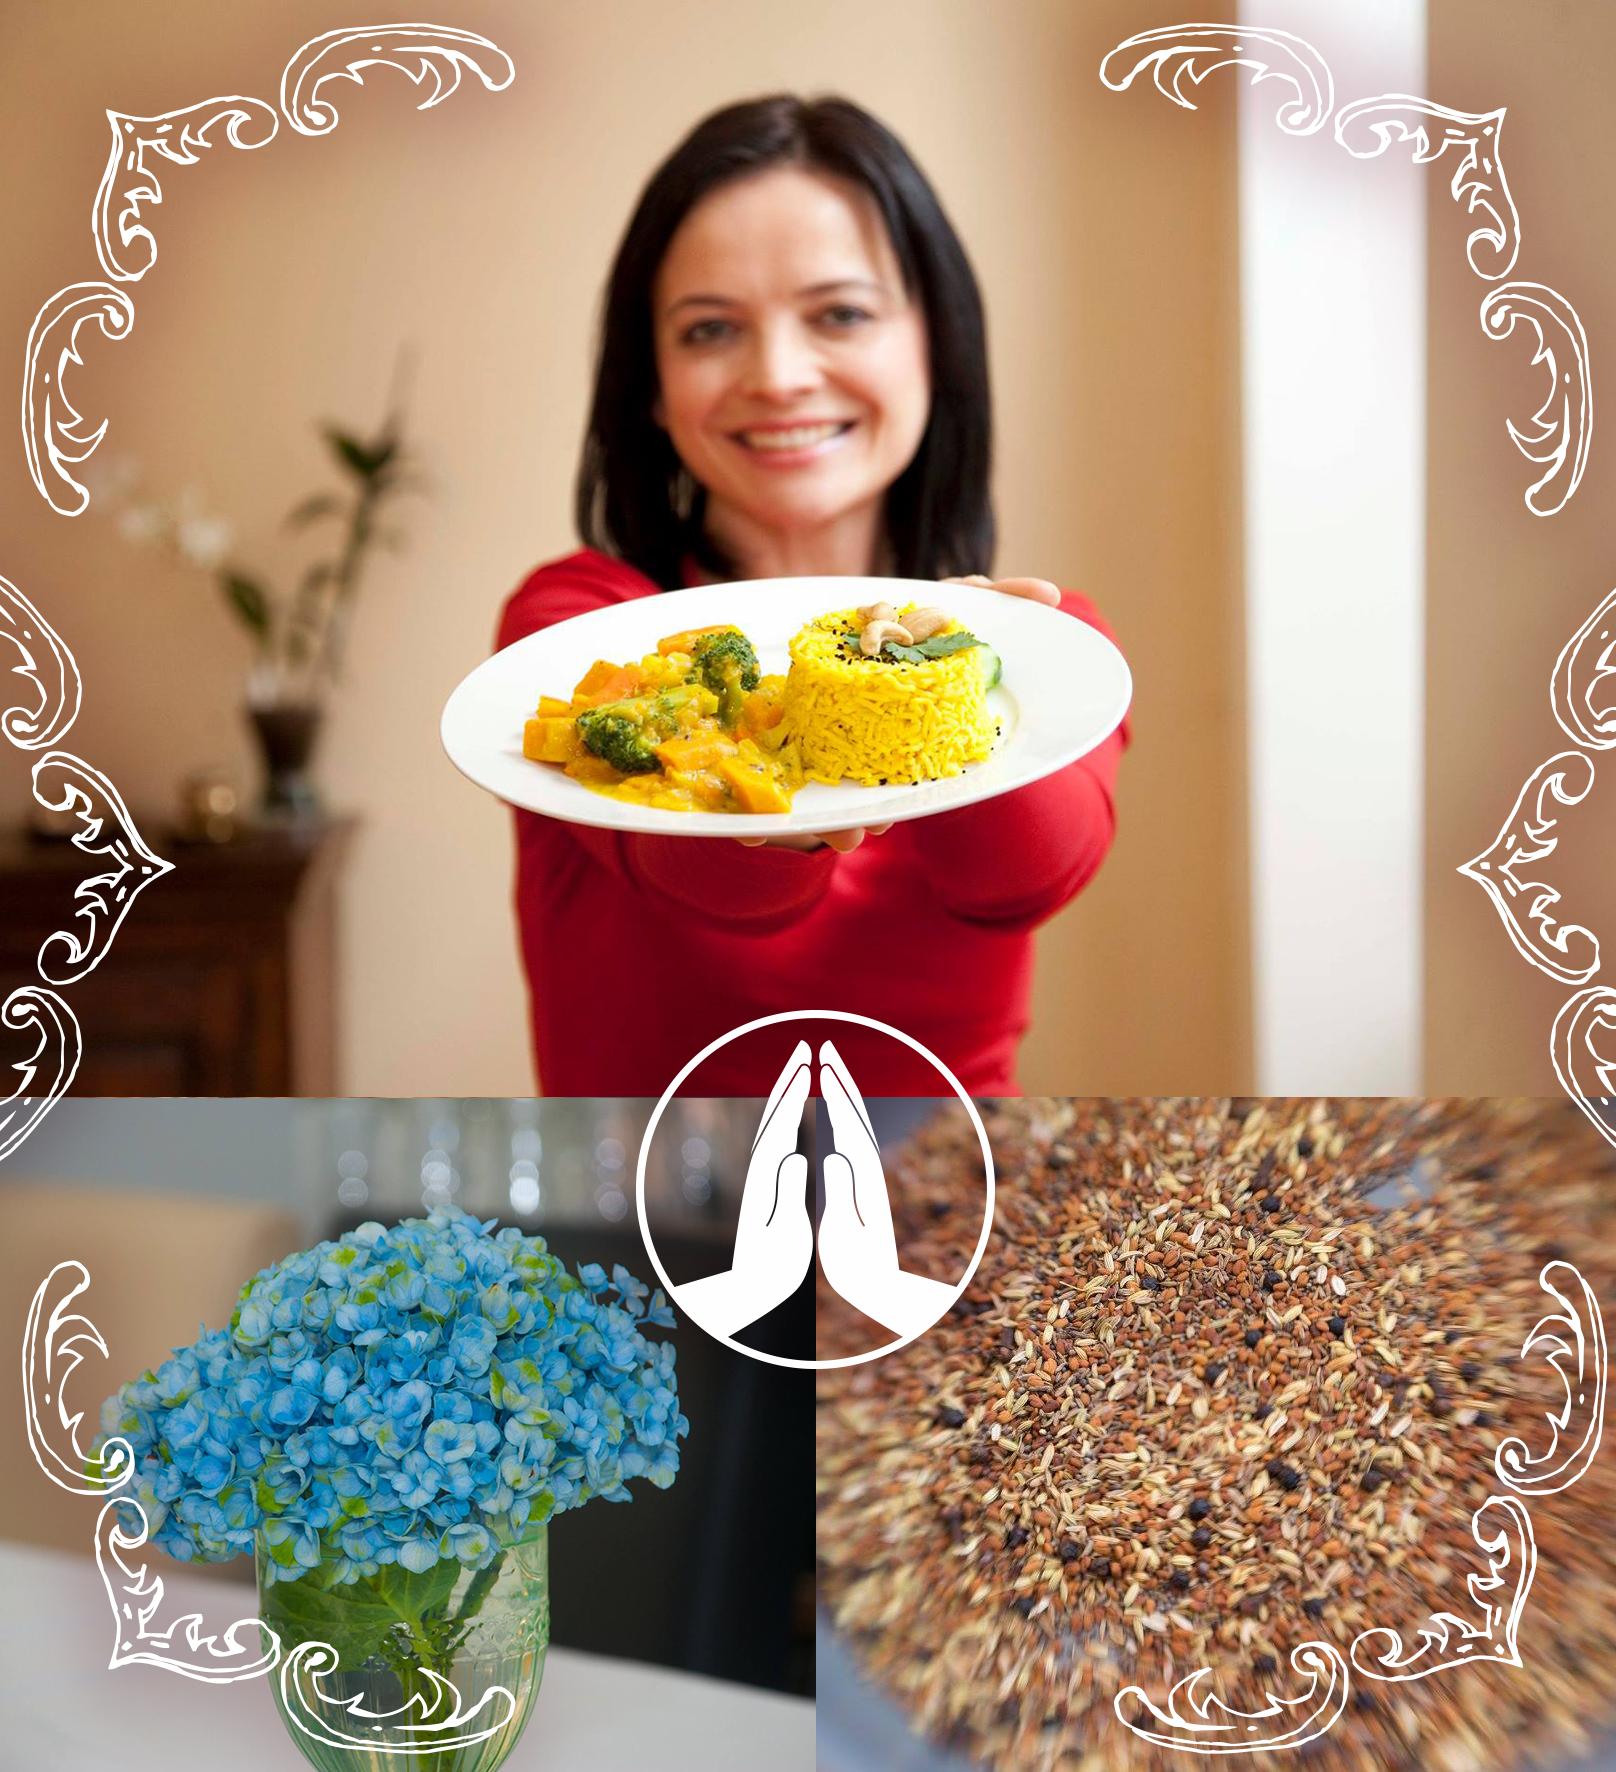 Ayurveda Kochkurse mit Sandra Hartmann sind ein Event besonderer Art: authentische Ayurveda Küche von der Pike auf (bio & rein vegetarisch); kompetente Lehrerin & Chefköchin (27 Jahre Erfahrung), angenehme Atmosphäre des Koch-Ateliers, verständlicher Unterricht mit Struktur und Luxus der kleinen Gruppe.